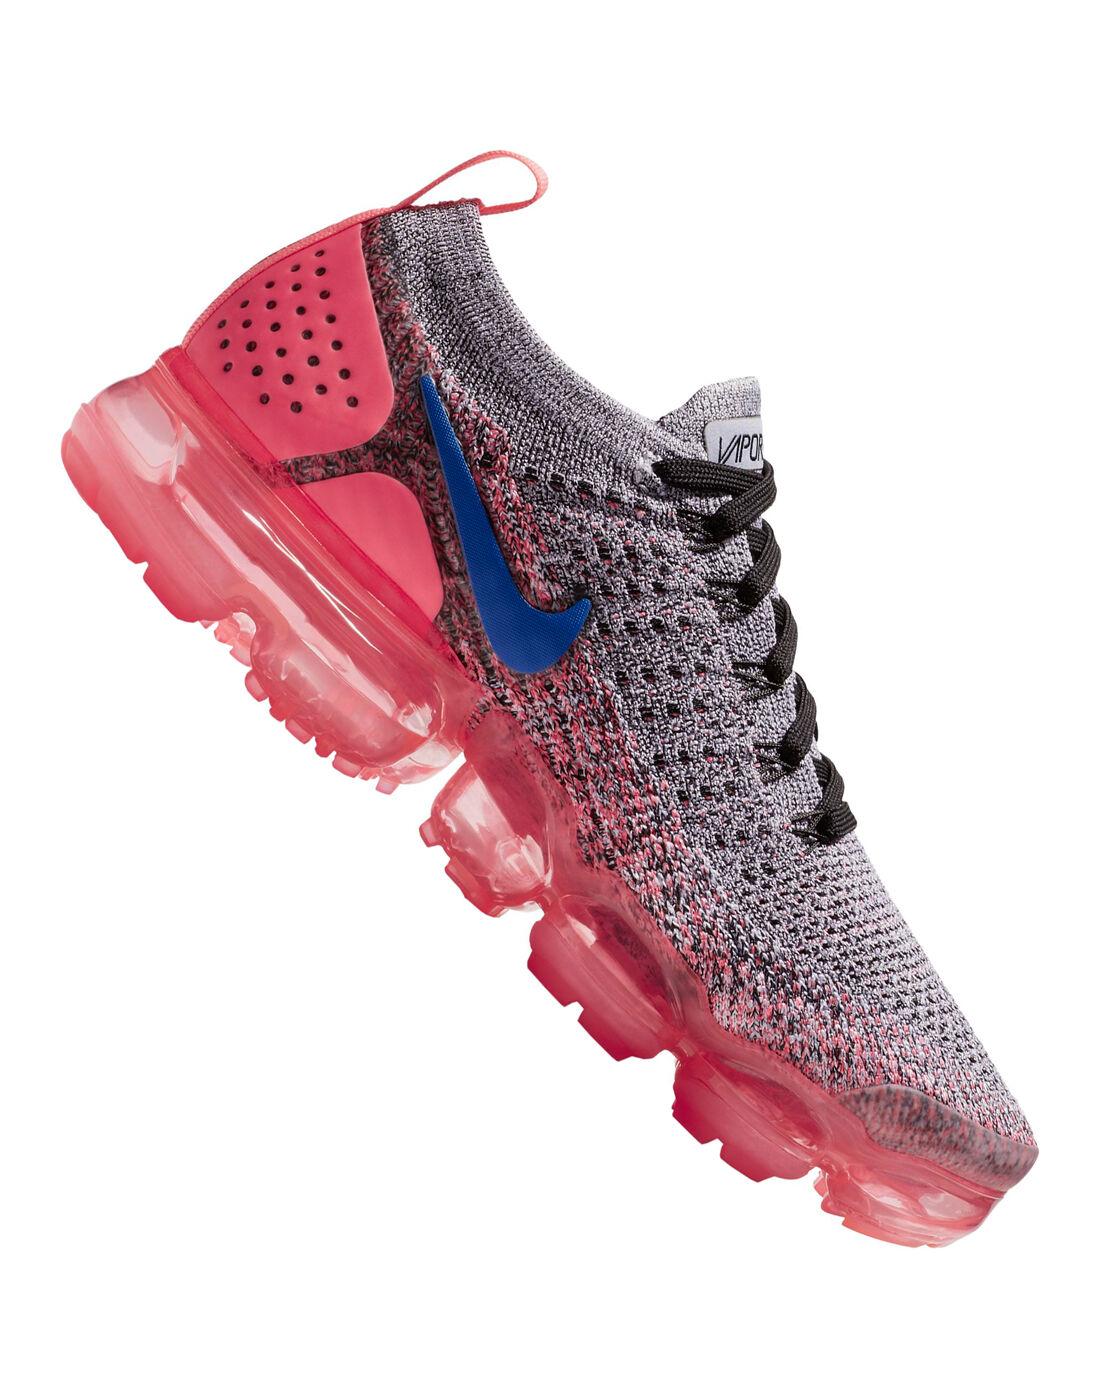 nike di donne vapormax flyknit 2 rosa dello stile di vita sportiva